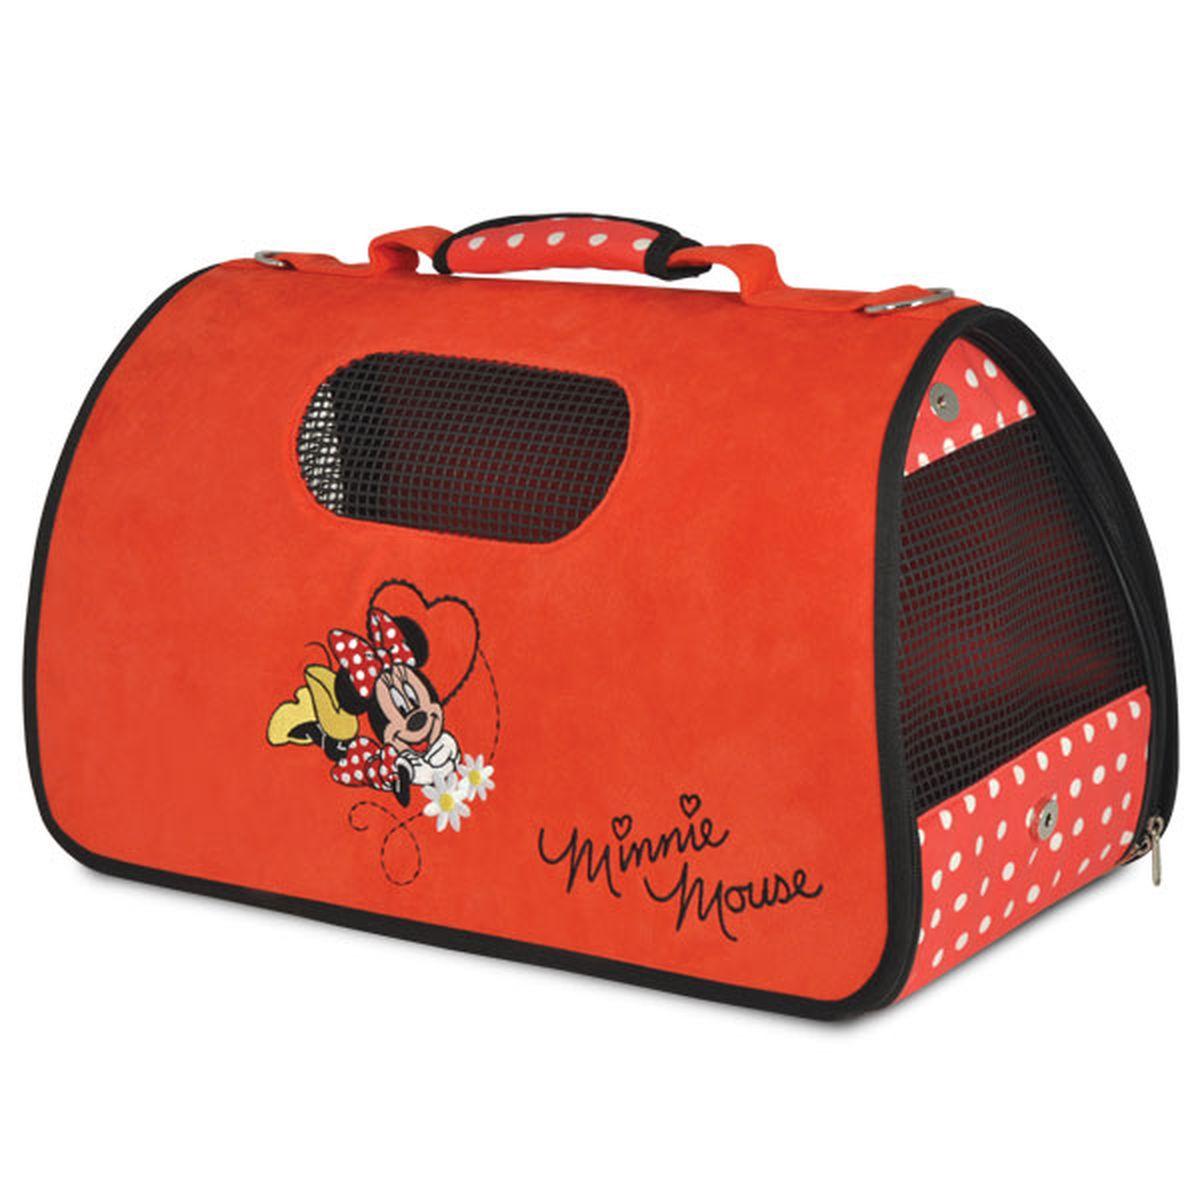 Сумка-переноска Triol Disney Minnie, 50 х 28 х 29 см0120710Складная, удобная в использовании сумка-переноска из мягкого велюра с изображением известного персонажа DISNEY Minnie. Сумка отлично держит форму. Открывается при помощи молнии с двух сторон. Пластиковые ножки на дне сумки позволяют ставить ее на любую поверхность, не пачкая дно. Вентиляционные окна прорезинены, располагаются сбоку и сверху, обеспечивают достаточное количество воздуха для питомца. Один из боков сумки можно сделать открытым для головы Вашего питомца. При этом в целях безопасности используйте поводок-фиксатор (идет в комплекте с сумкой). К сумке также прилагается ремень с тканевым бегунком, чтобы носить её на плече. Сумка поставляется в полипропиленовом пакете на молнии с веревочными ручками, что очень удобно для хранения.